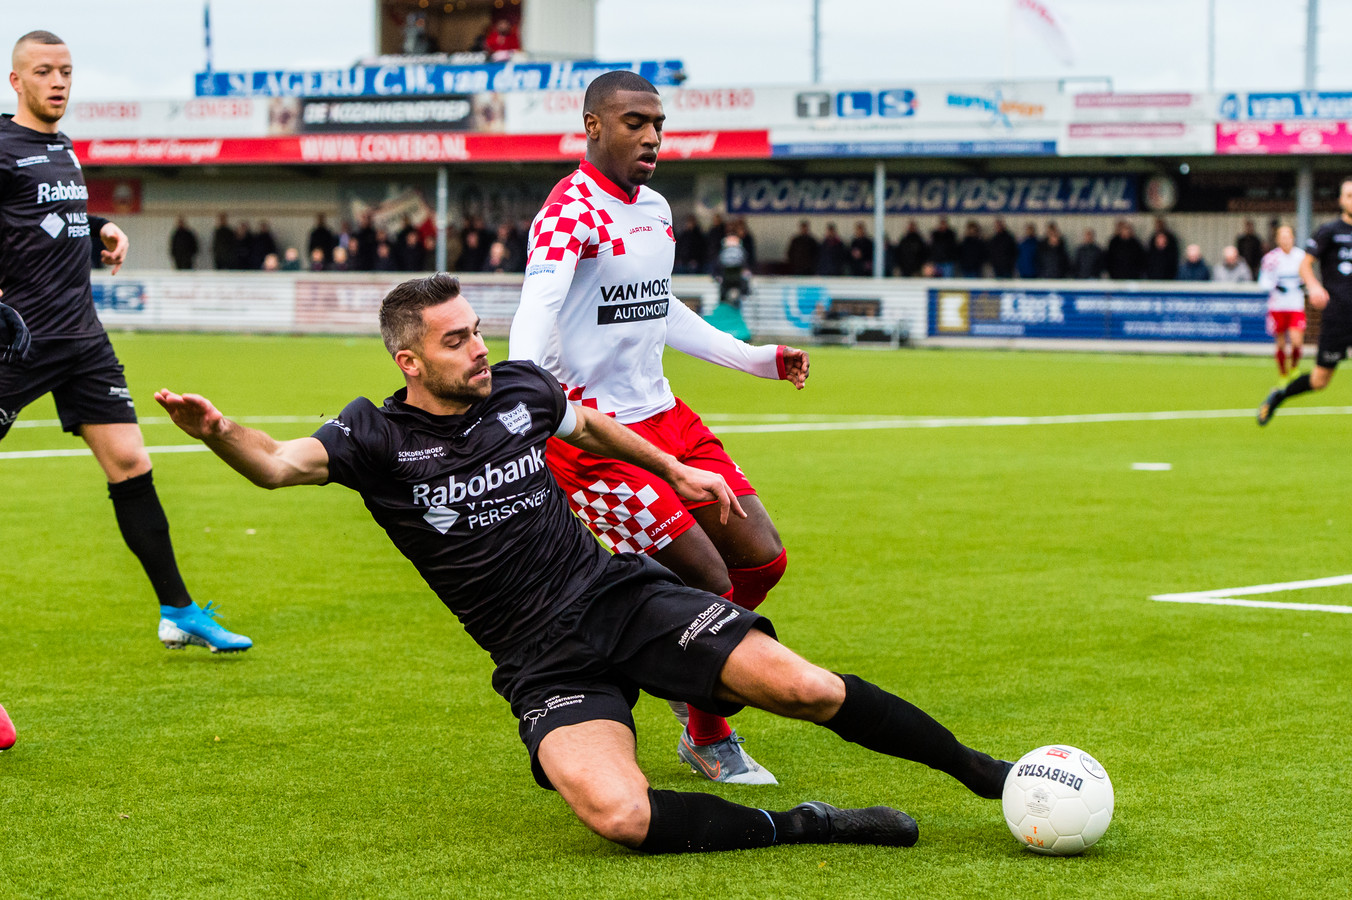 Wilco de Hartog (links) haalt namens GVVV de bal weg voor Tyrone Conraad die twee keer scoorde voor Kozakken Boys.